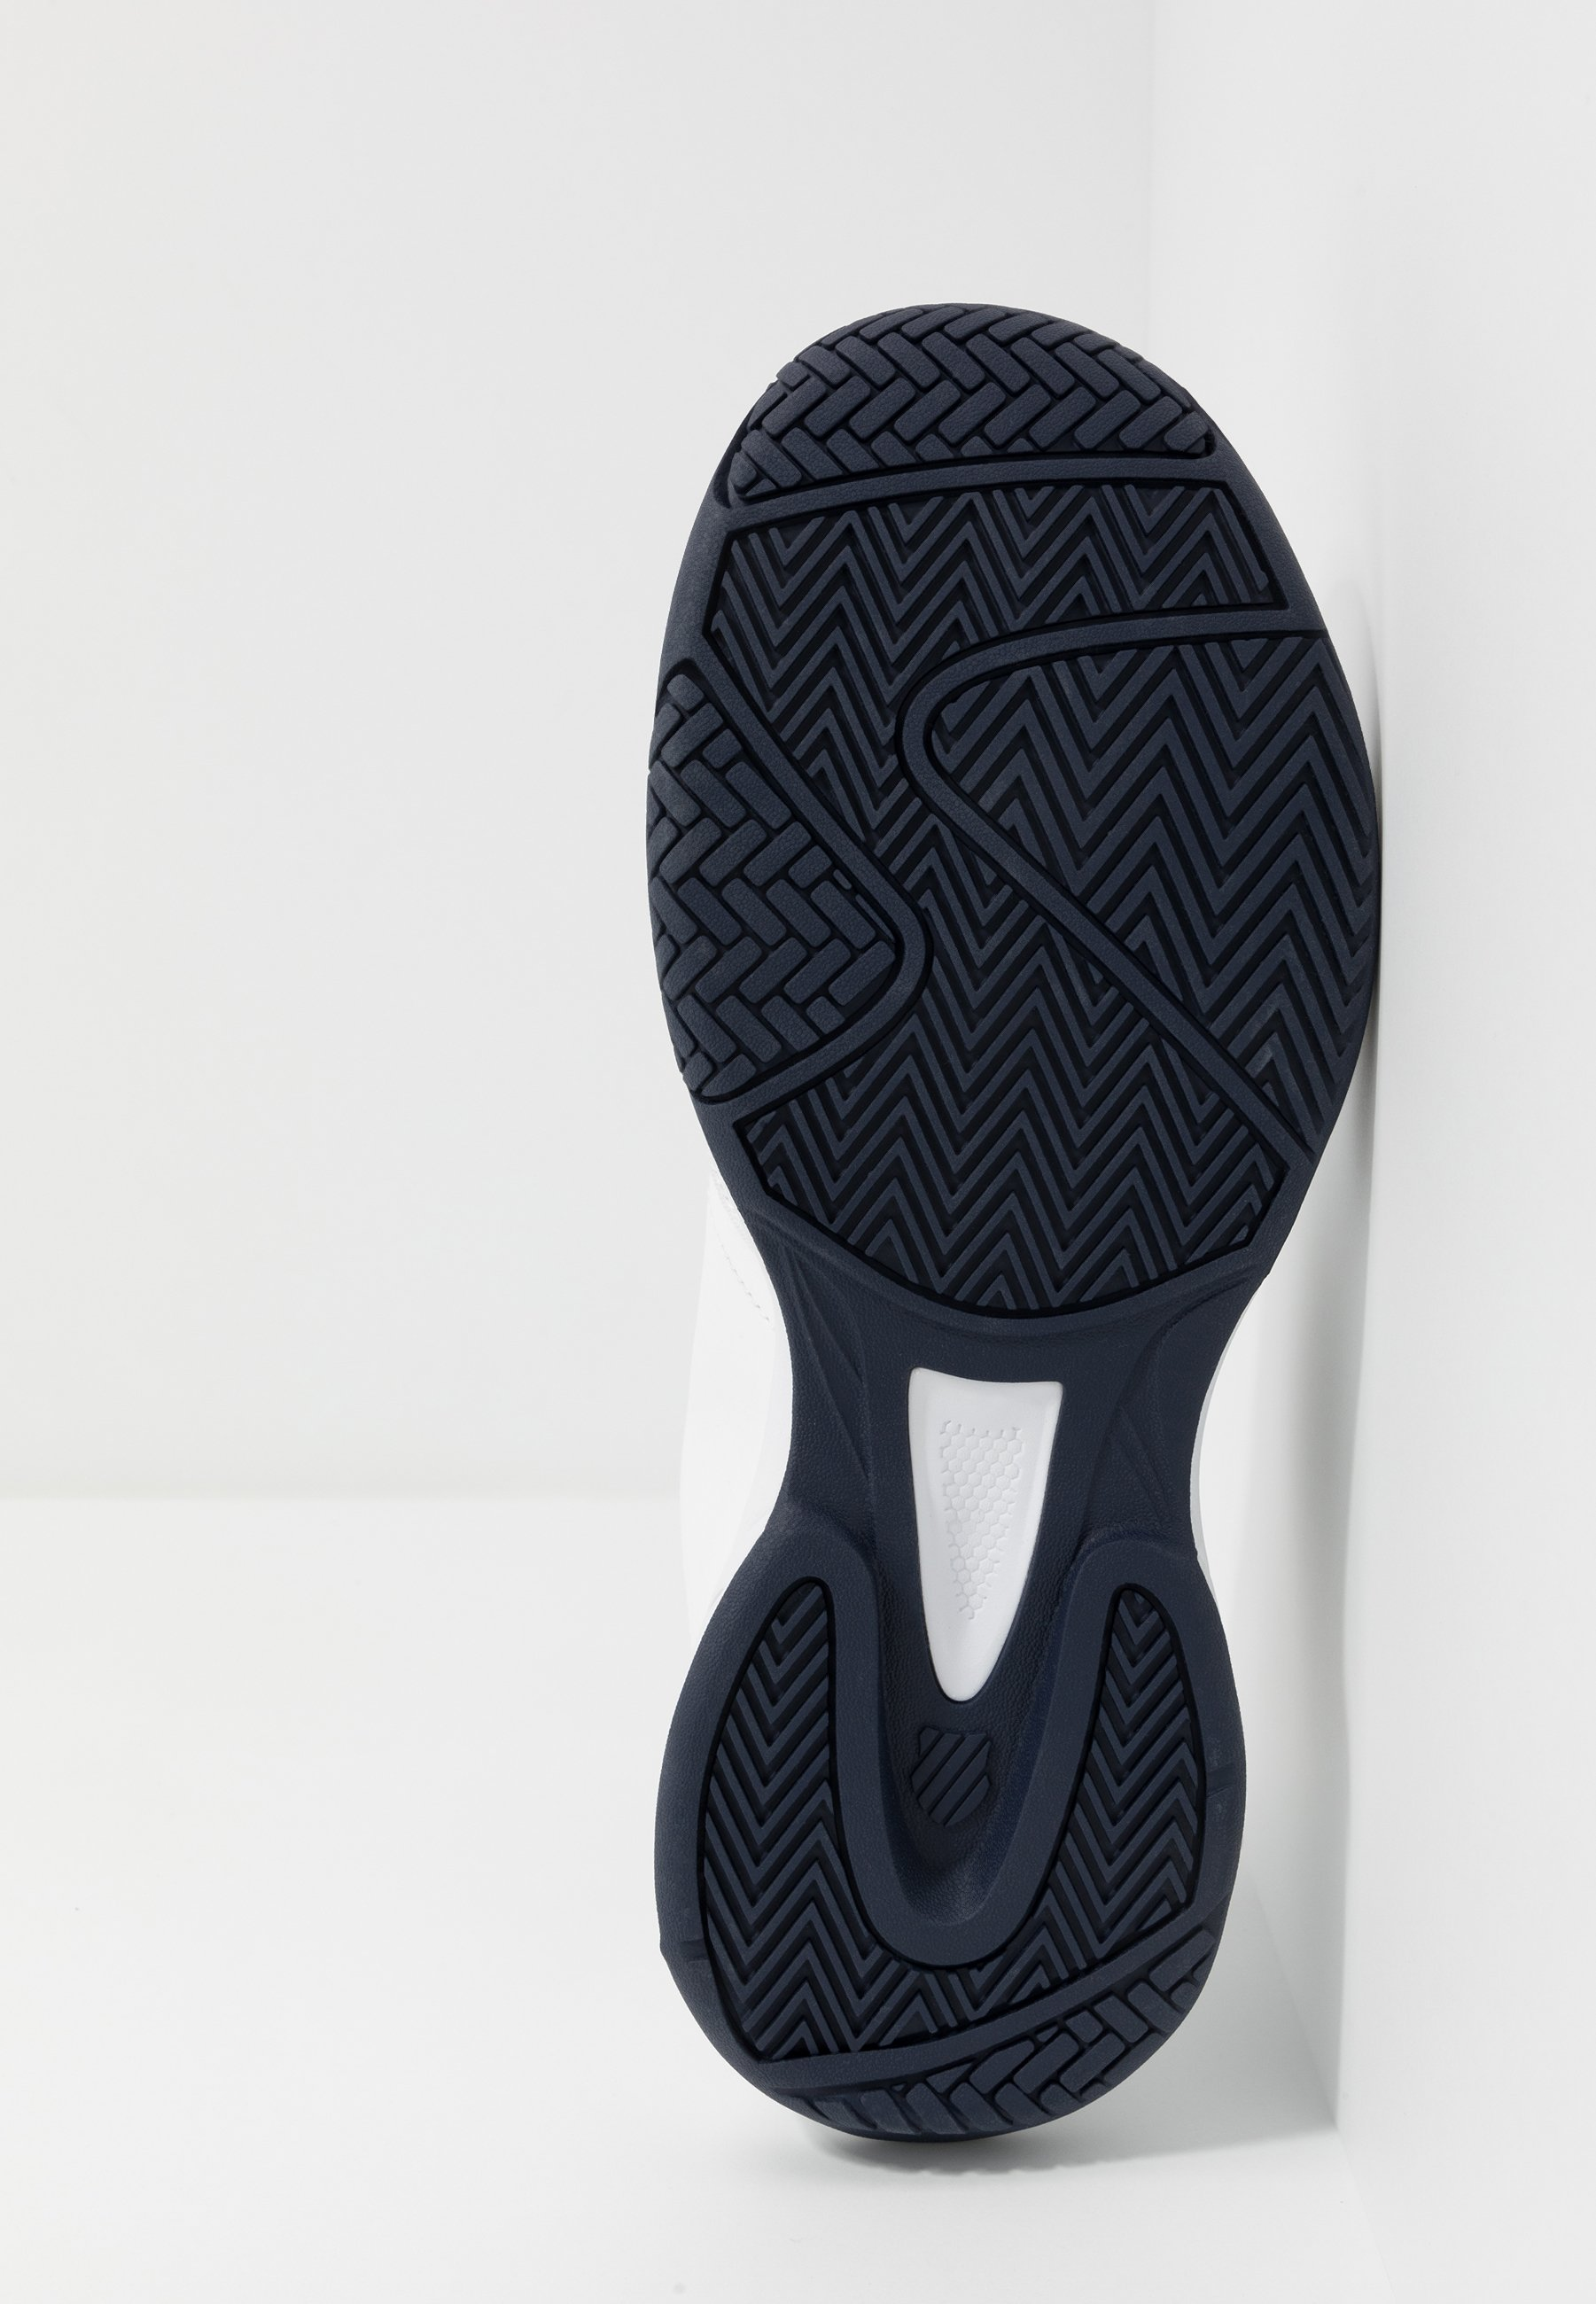 K-swiss Court Express - Chaussures De Tennis Pour Terre-battueerre Battue White/navy FsgdzOn